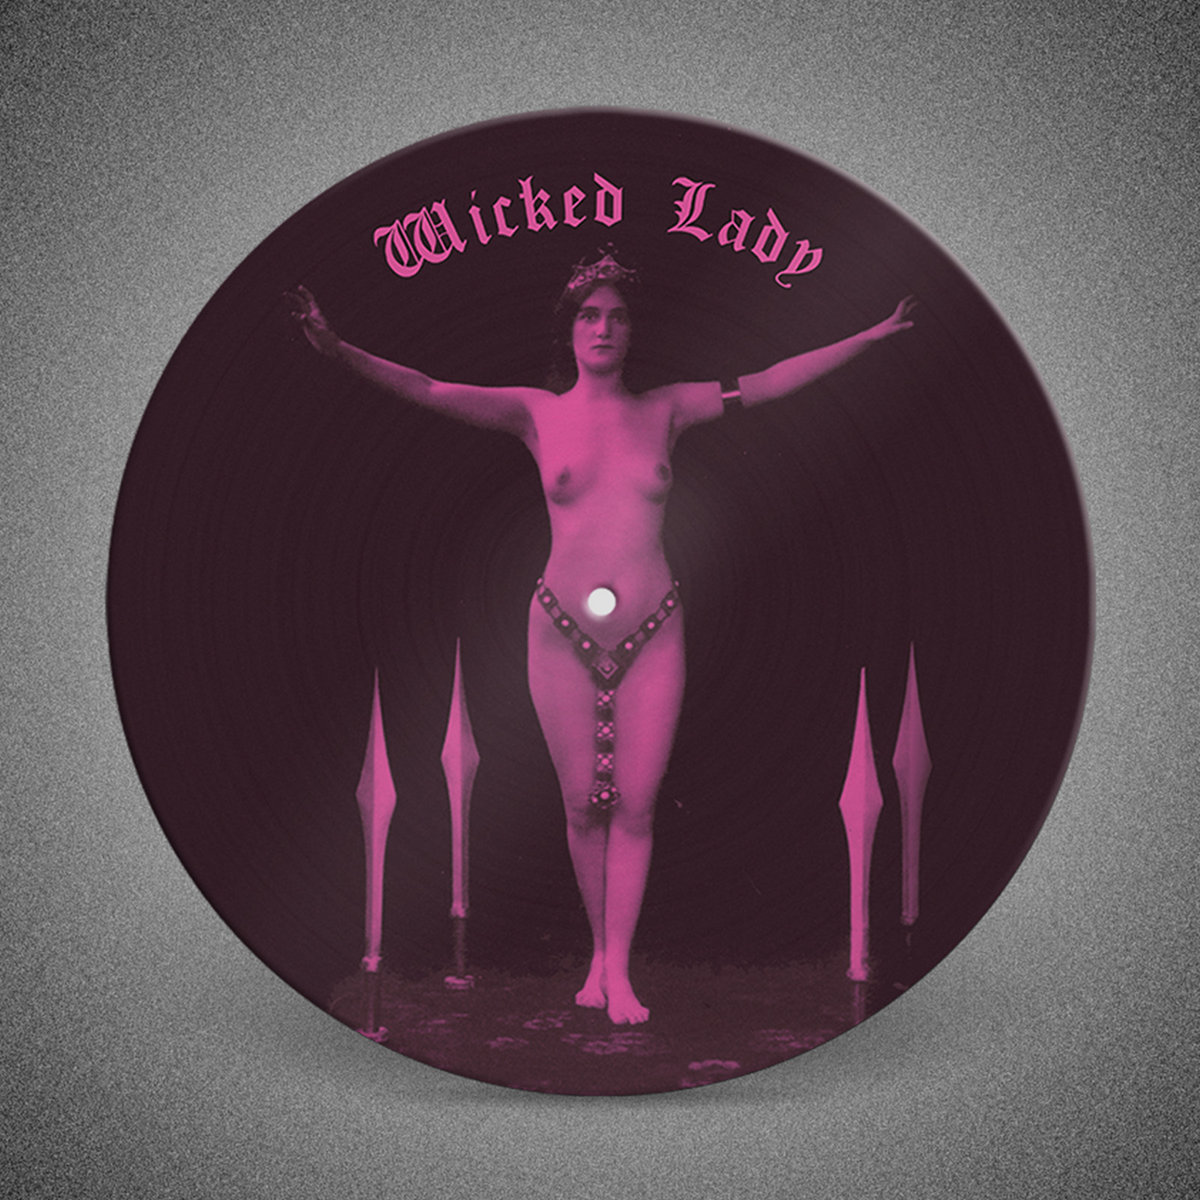 Αποτέλεσμα εικόνας για WICKED LADY  A Wicked Selection by Martin Weaver